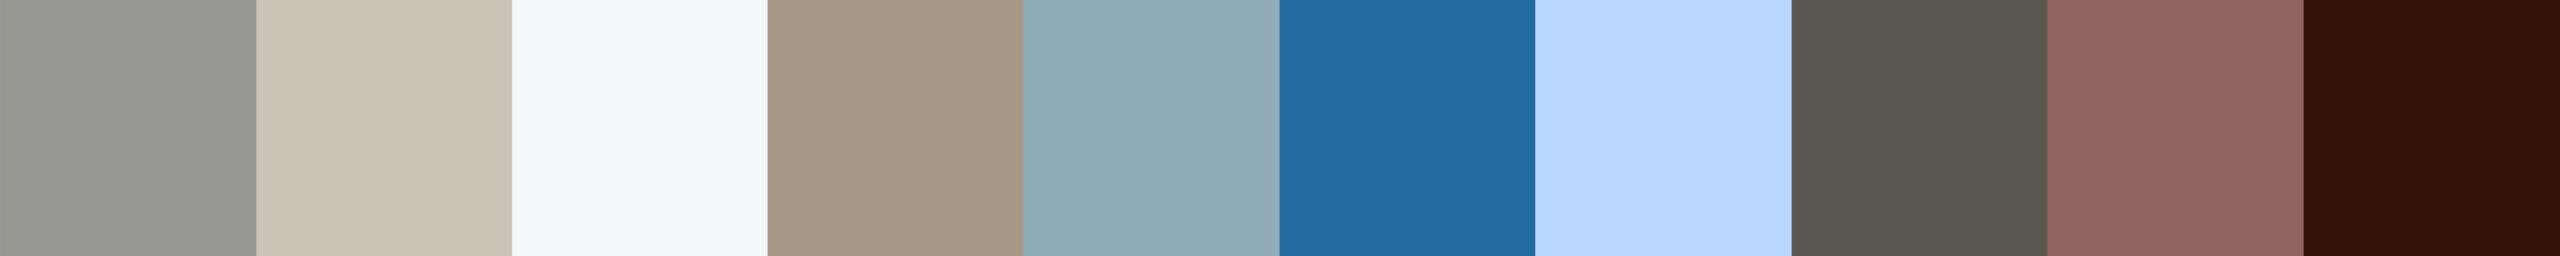 770 Trixelia Color Palette